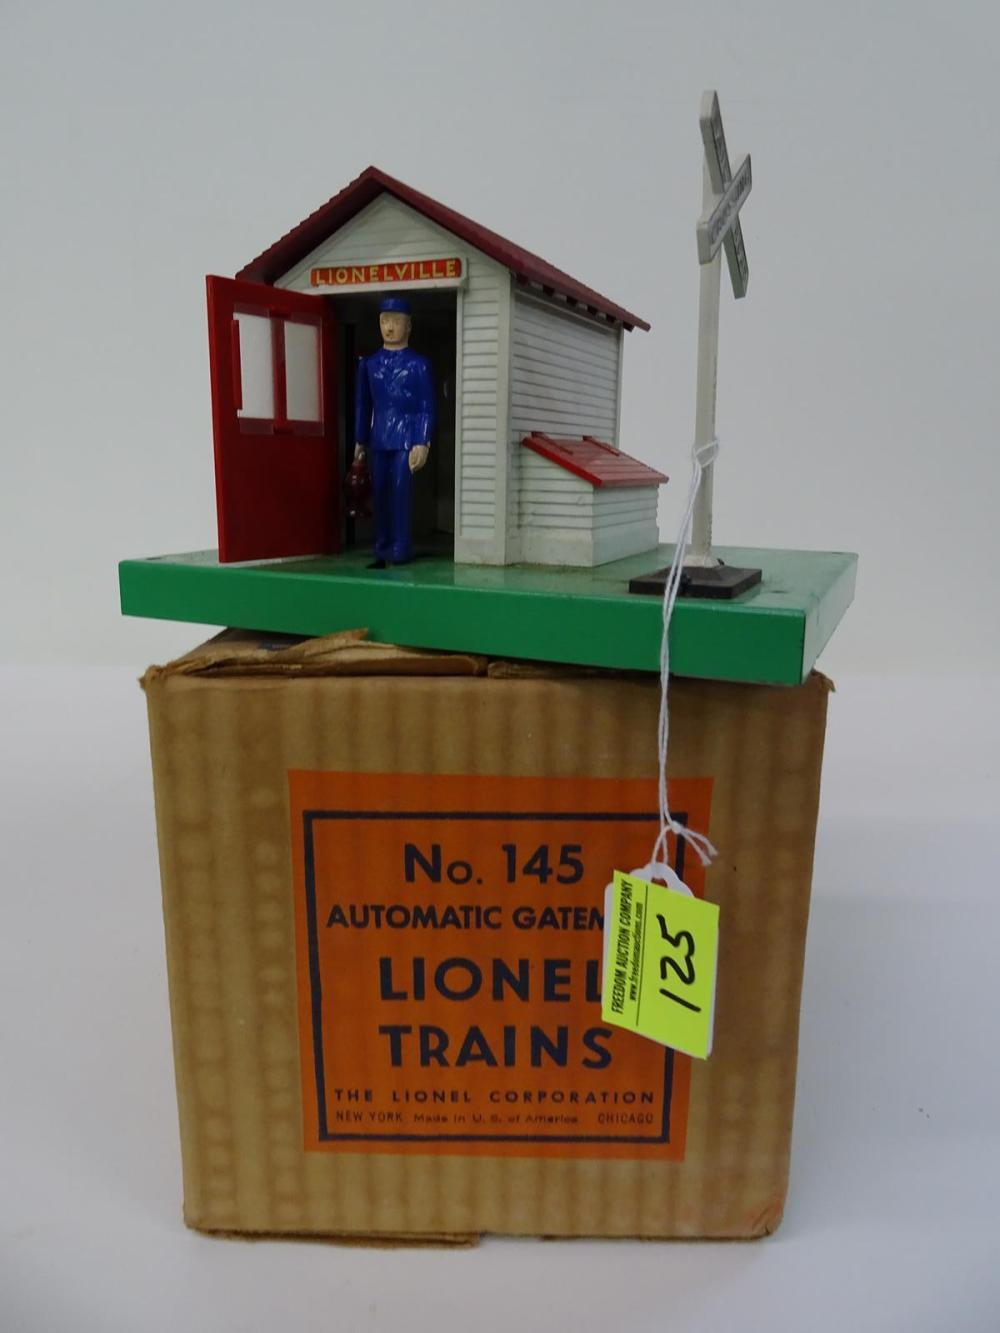 LIONEL TRAINS #145 AUTOMATIC GATEMAN